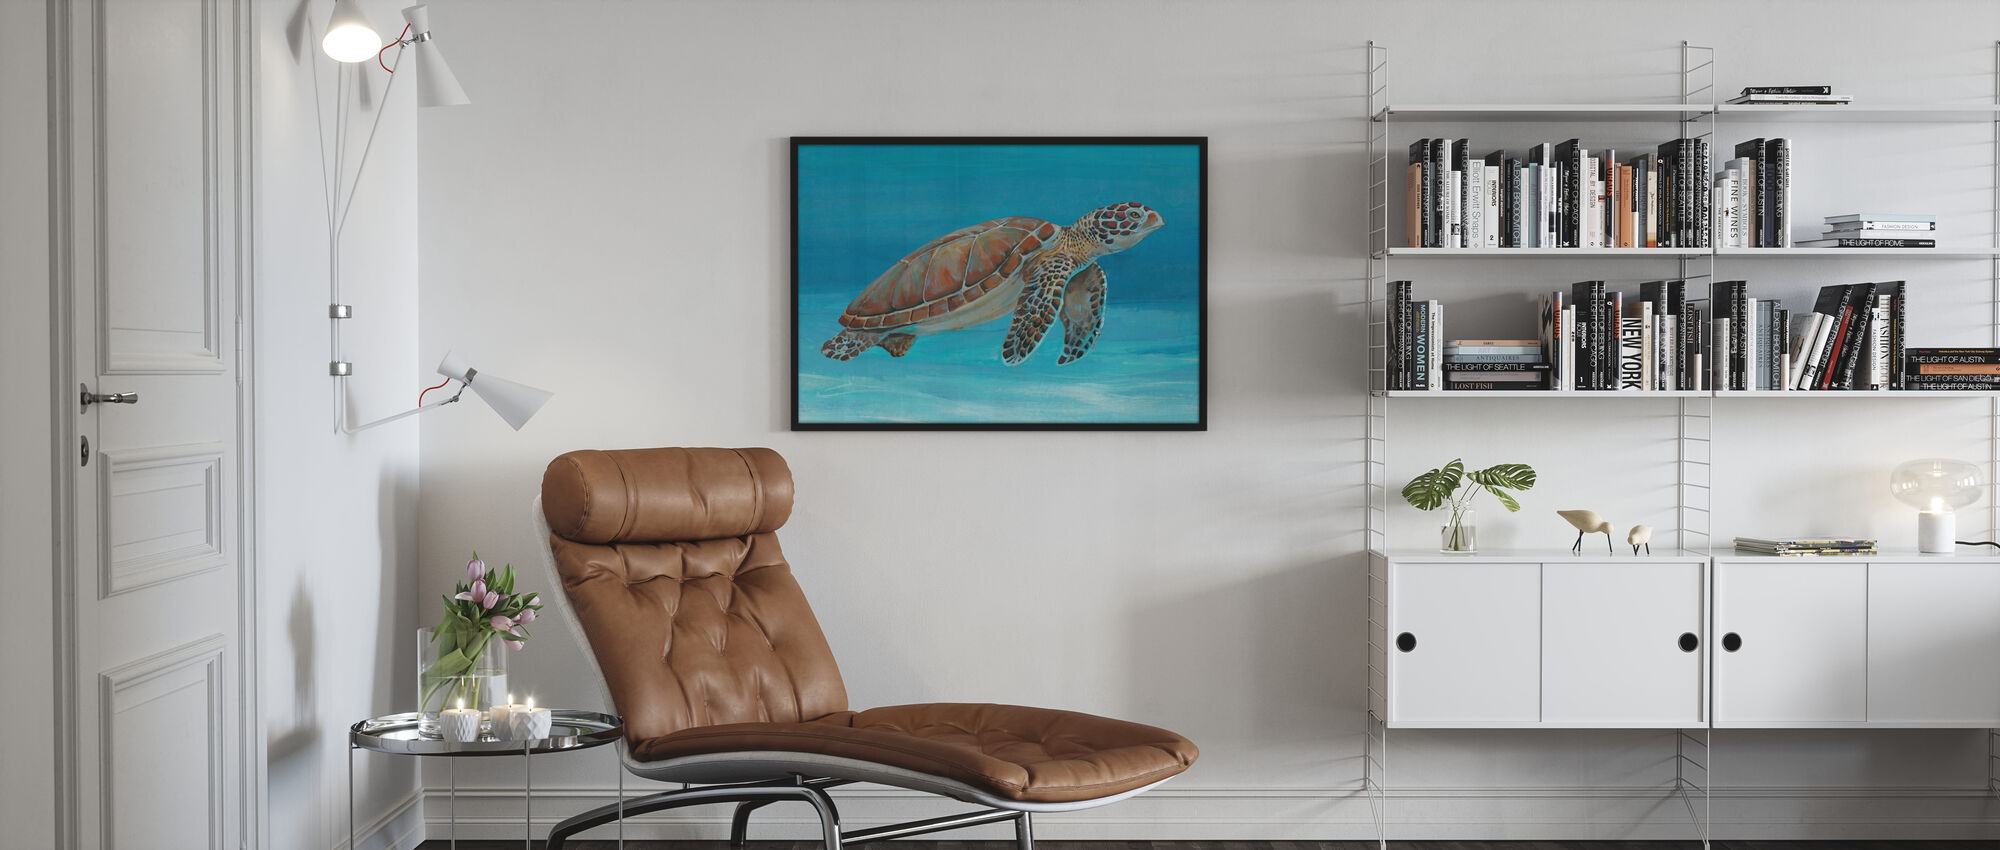 Ocean Sea Turtle - Poster - Living Room